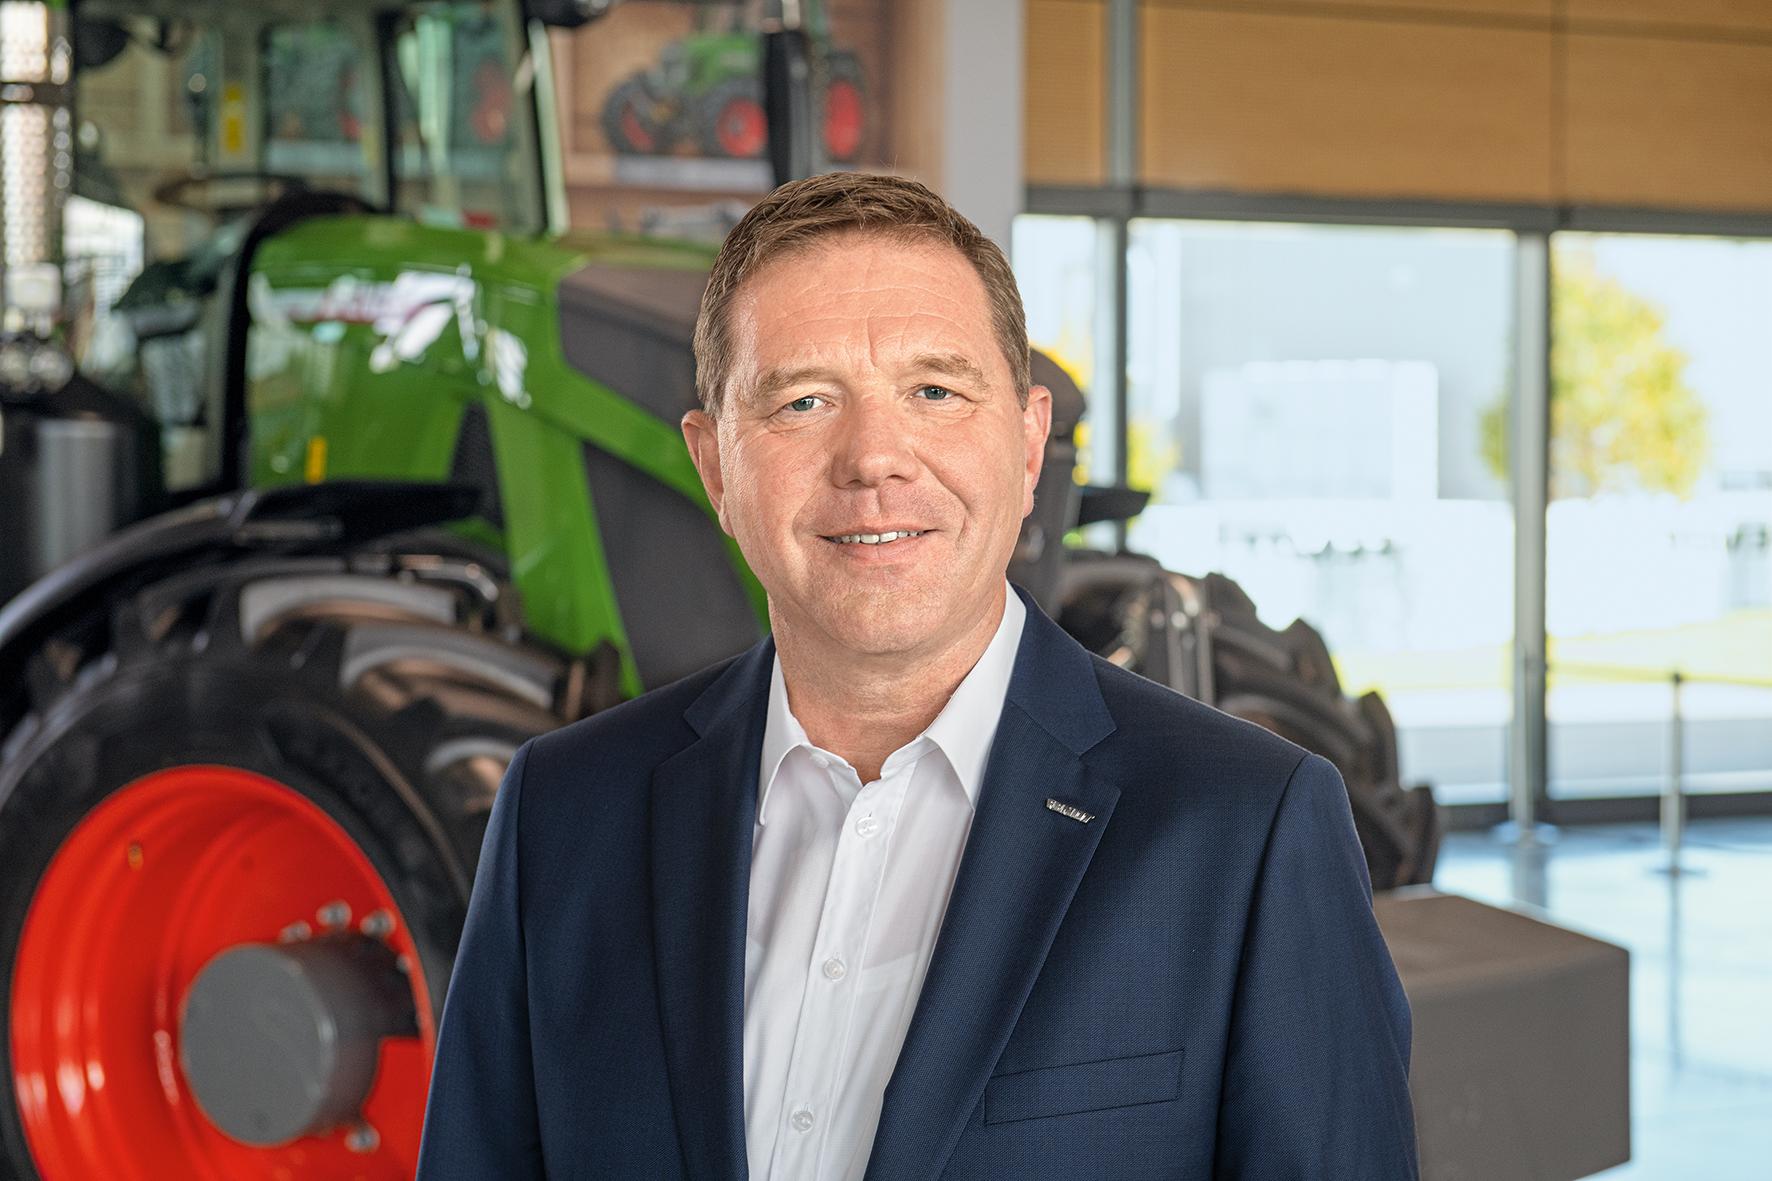 Christoph Gröblinghoff, Vorsitzender der AGCO/Fendt Geschäftsführung|copyright: AGCO Fendt